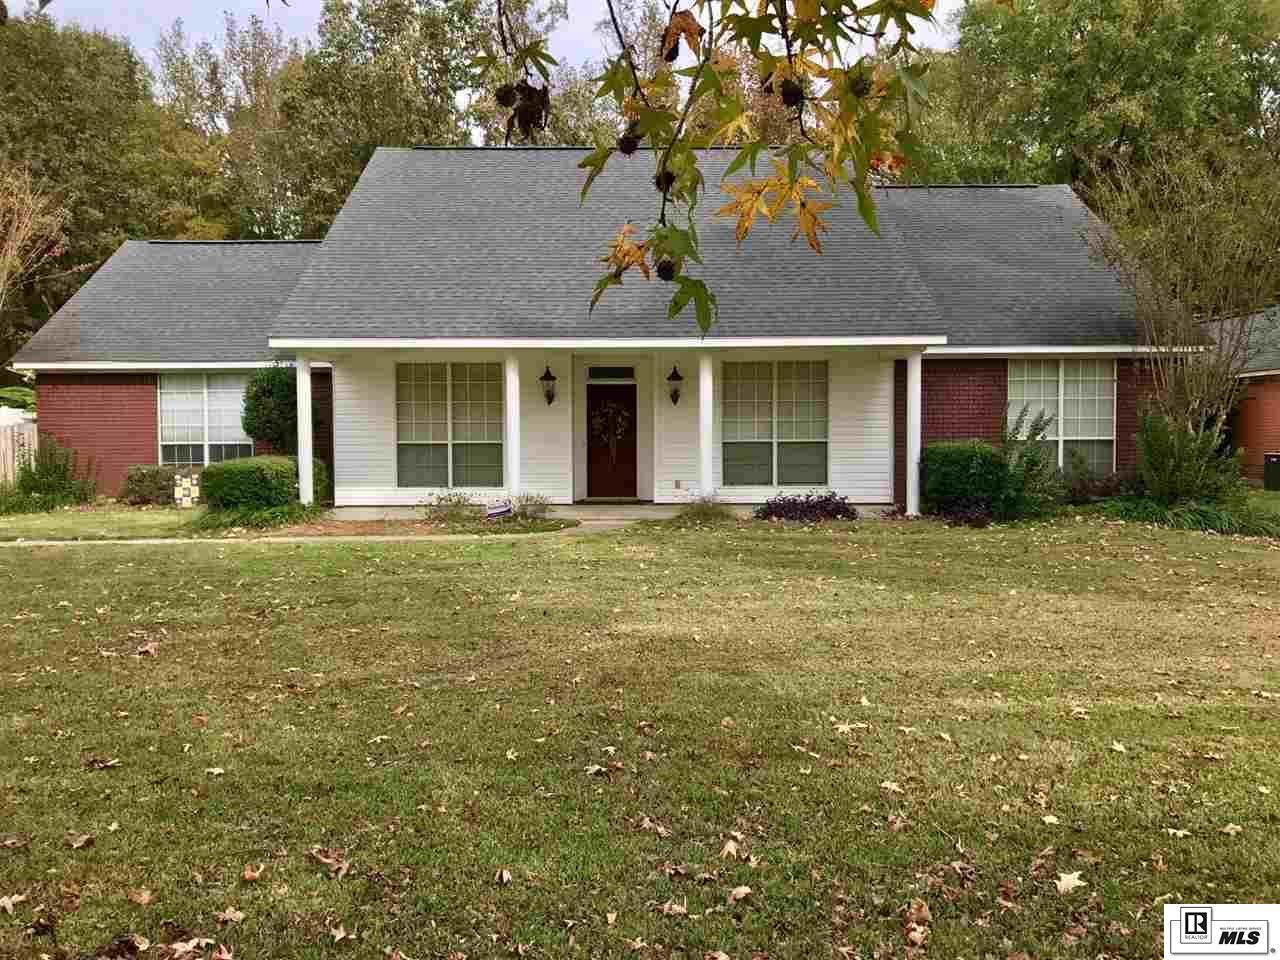 376 Joe White Rd Monroe La Mls 180319 Better Homes